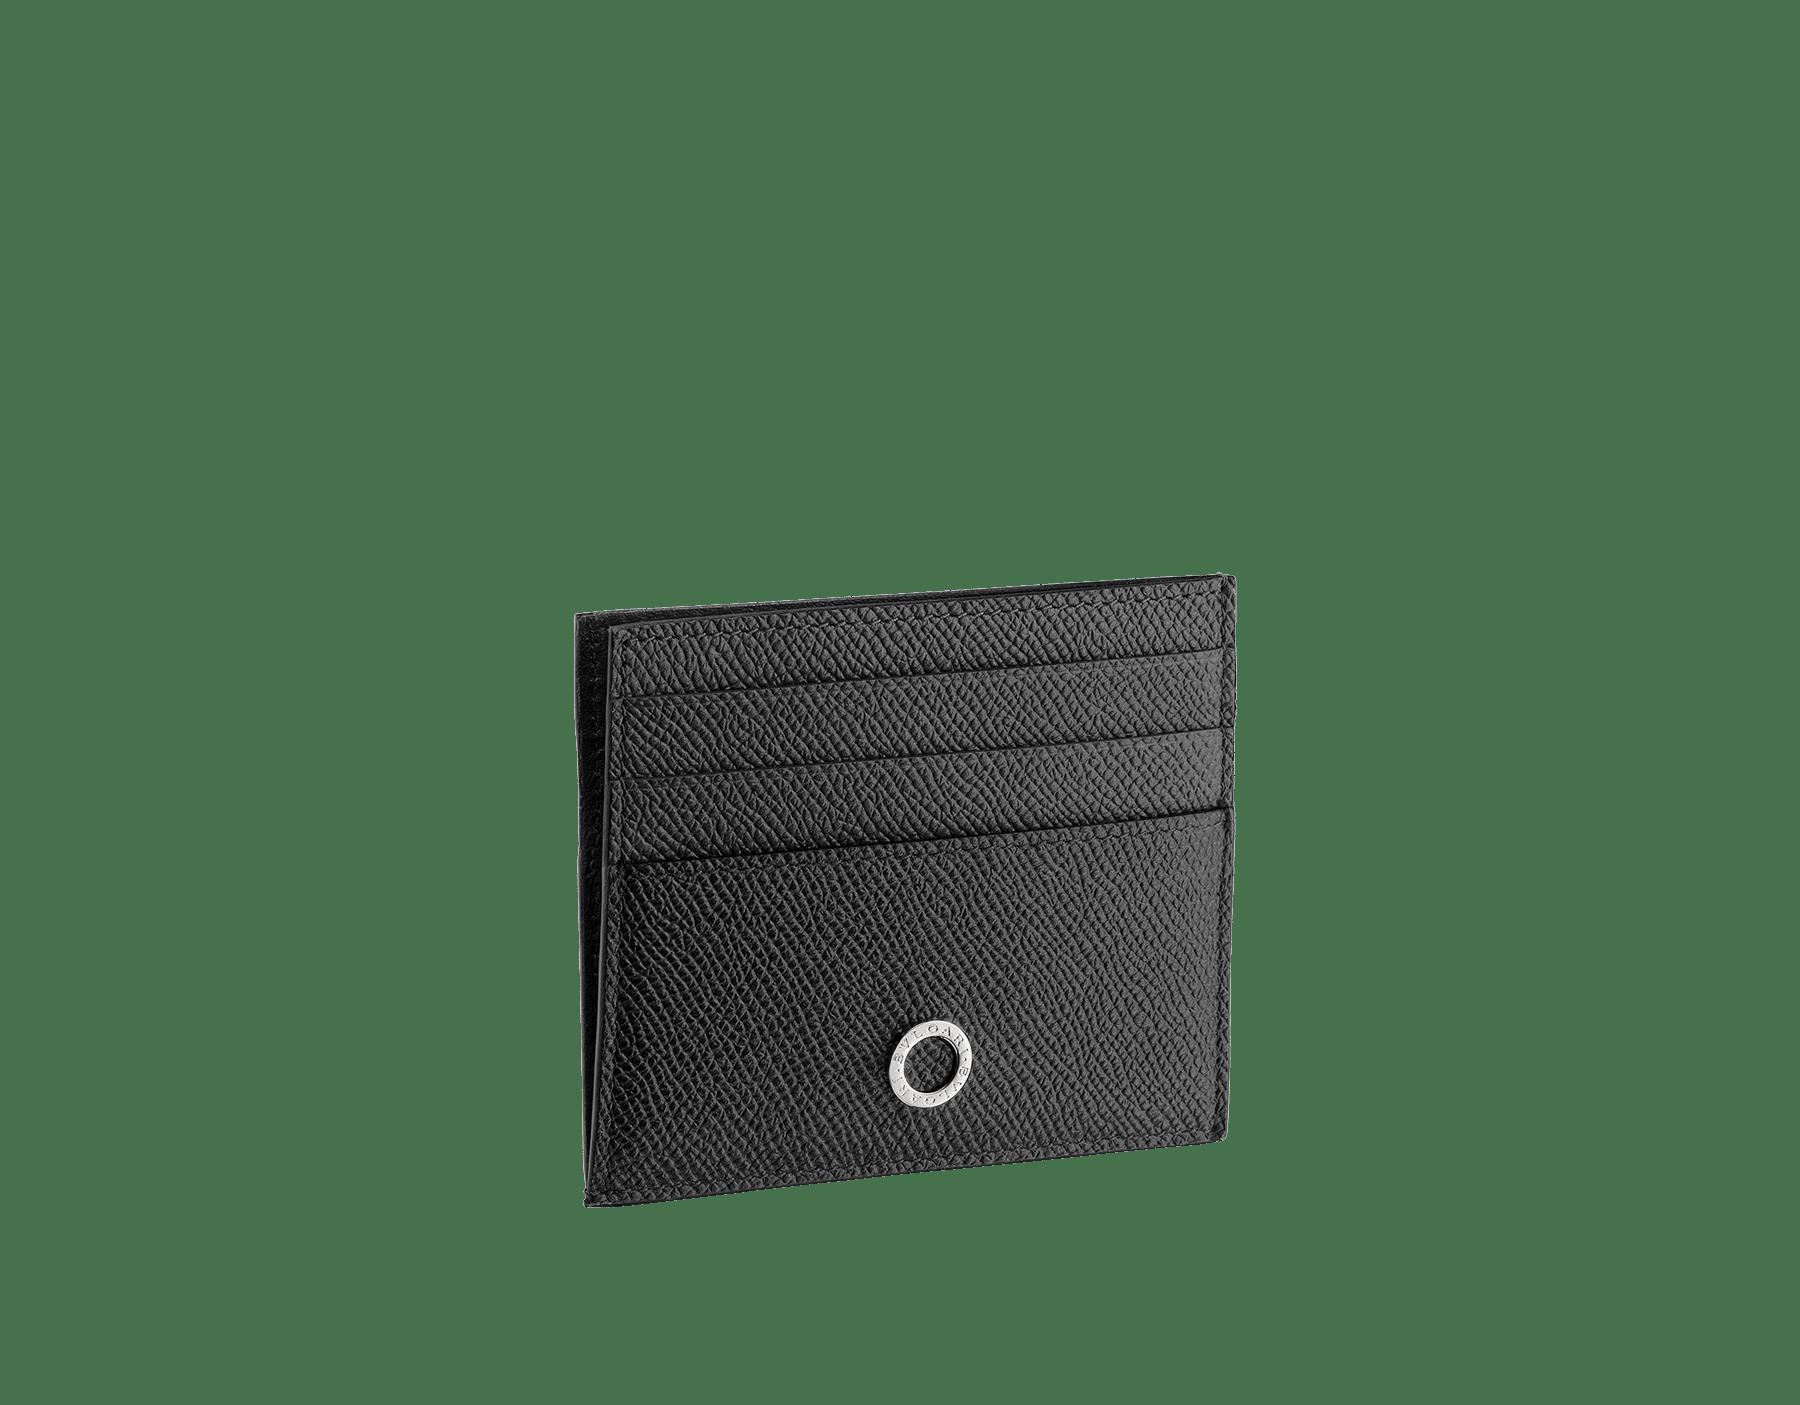 Étui pour cartes de crédit ouvert BVLGARI BVLGARI en cuir de veau grainé noir avec doublure en nappa noir. Emblématique logo Bvlgari en laiton plaqué palladium. 288524 image 1